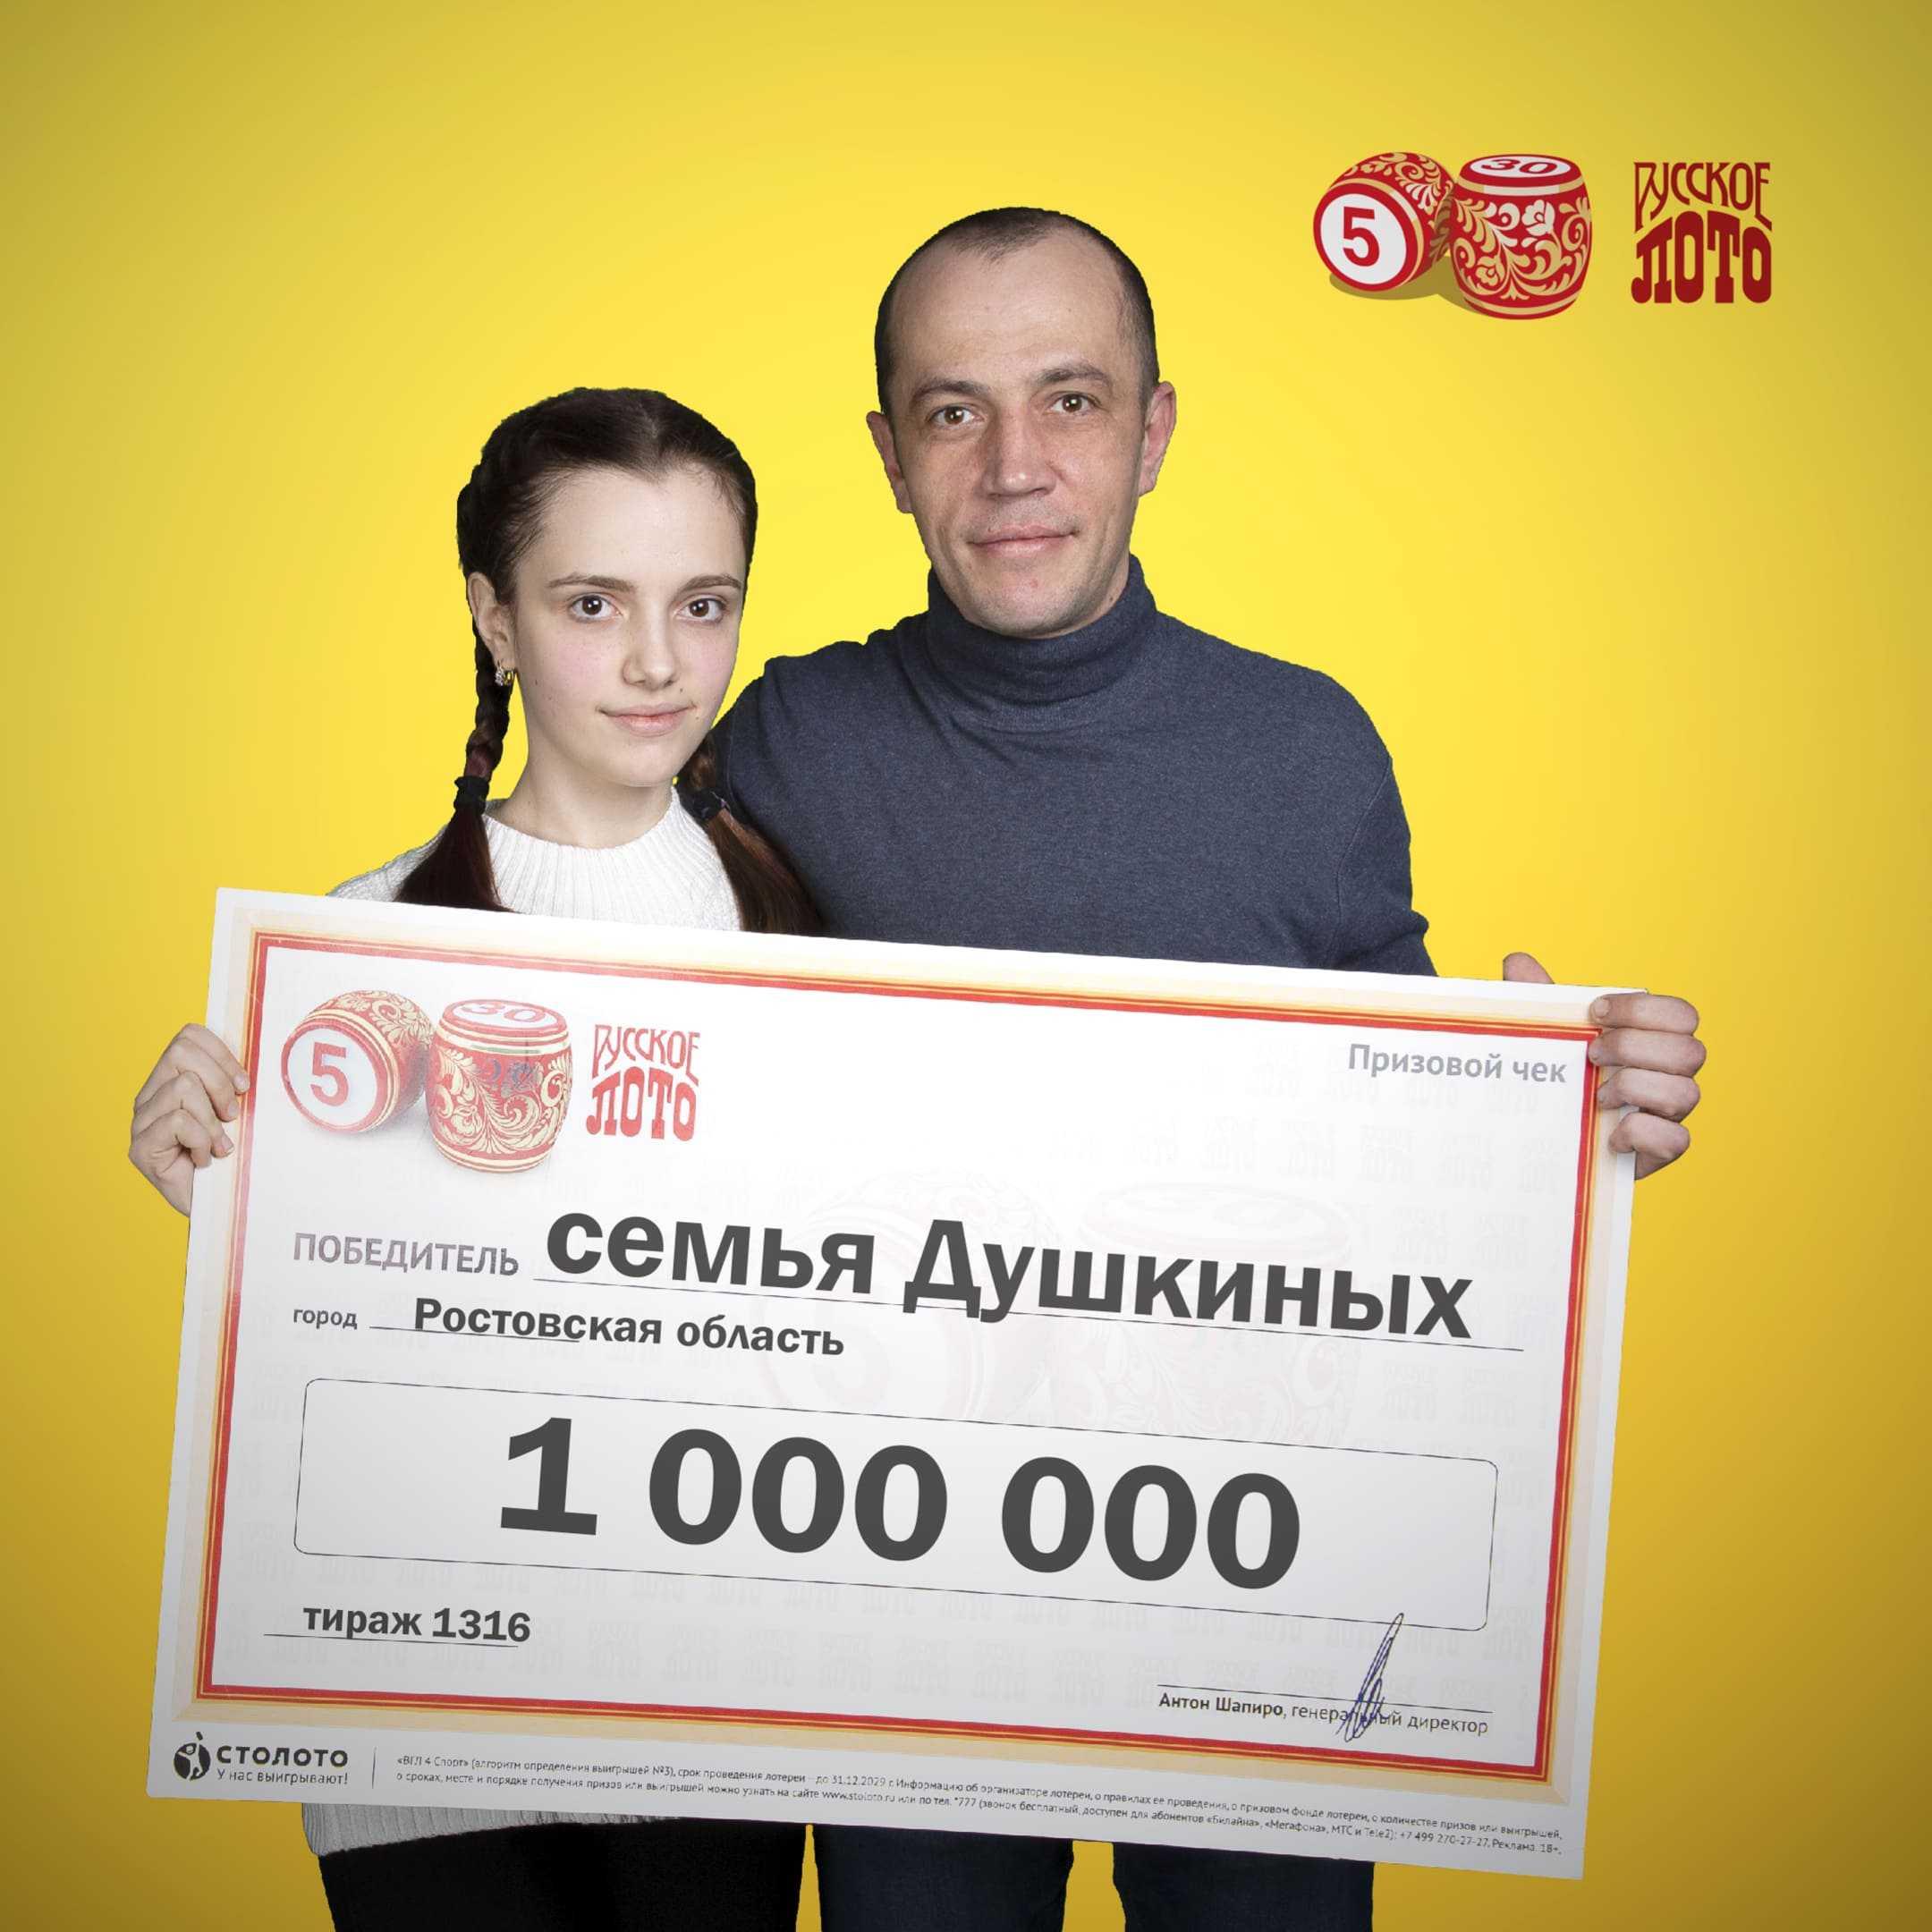 5 lotterier i Rusland, hvor det er rigtigt at vinde